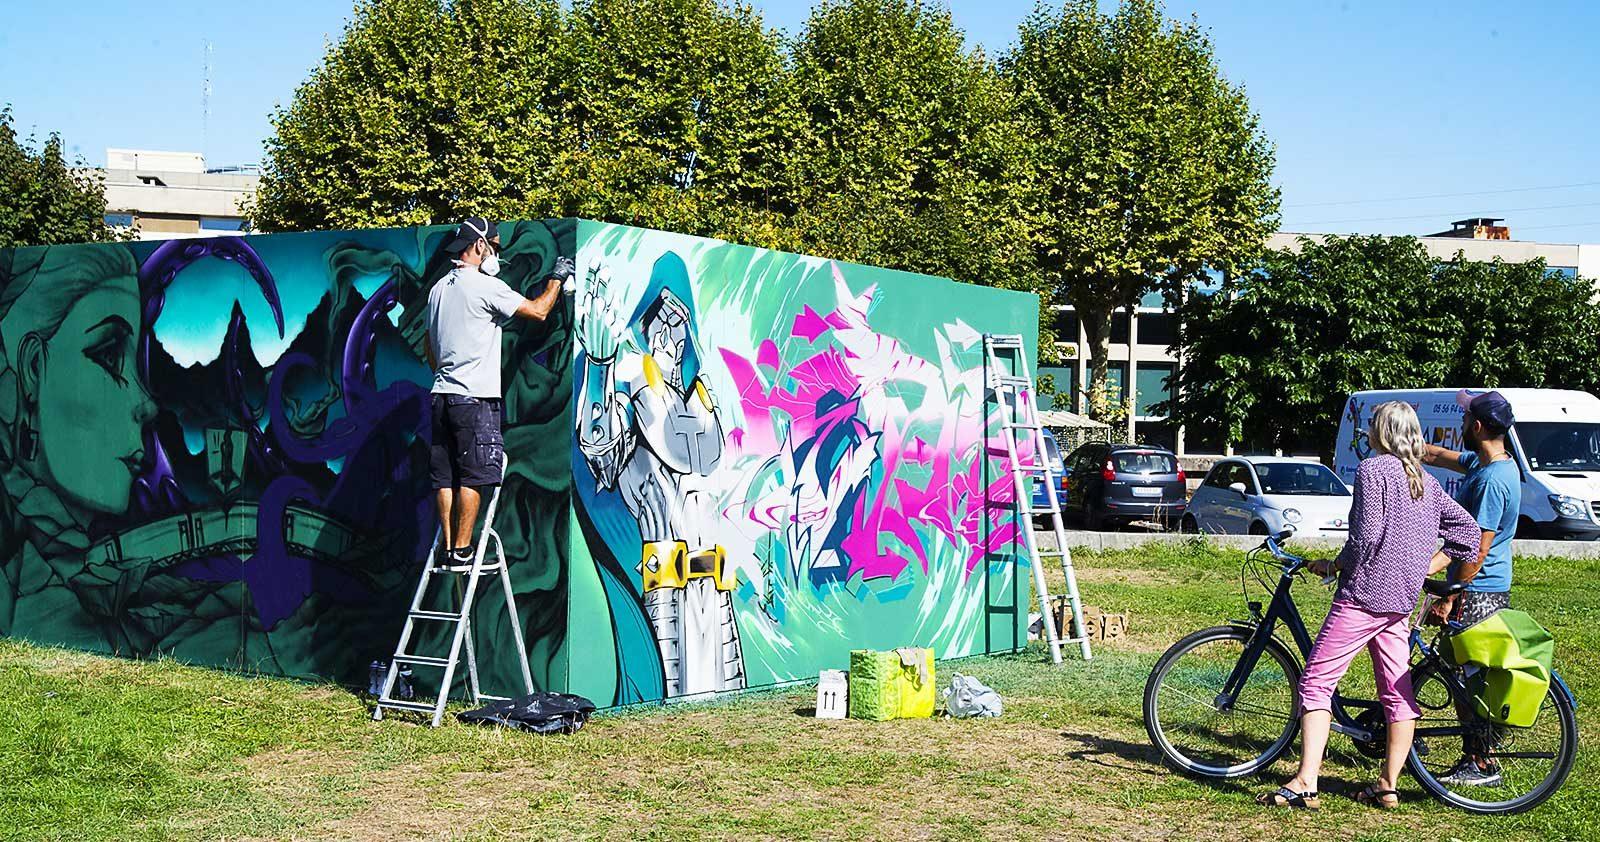 Le Shake Well Festival fait sa rentrée à Bordeaux